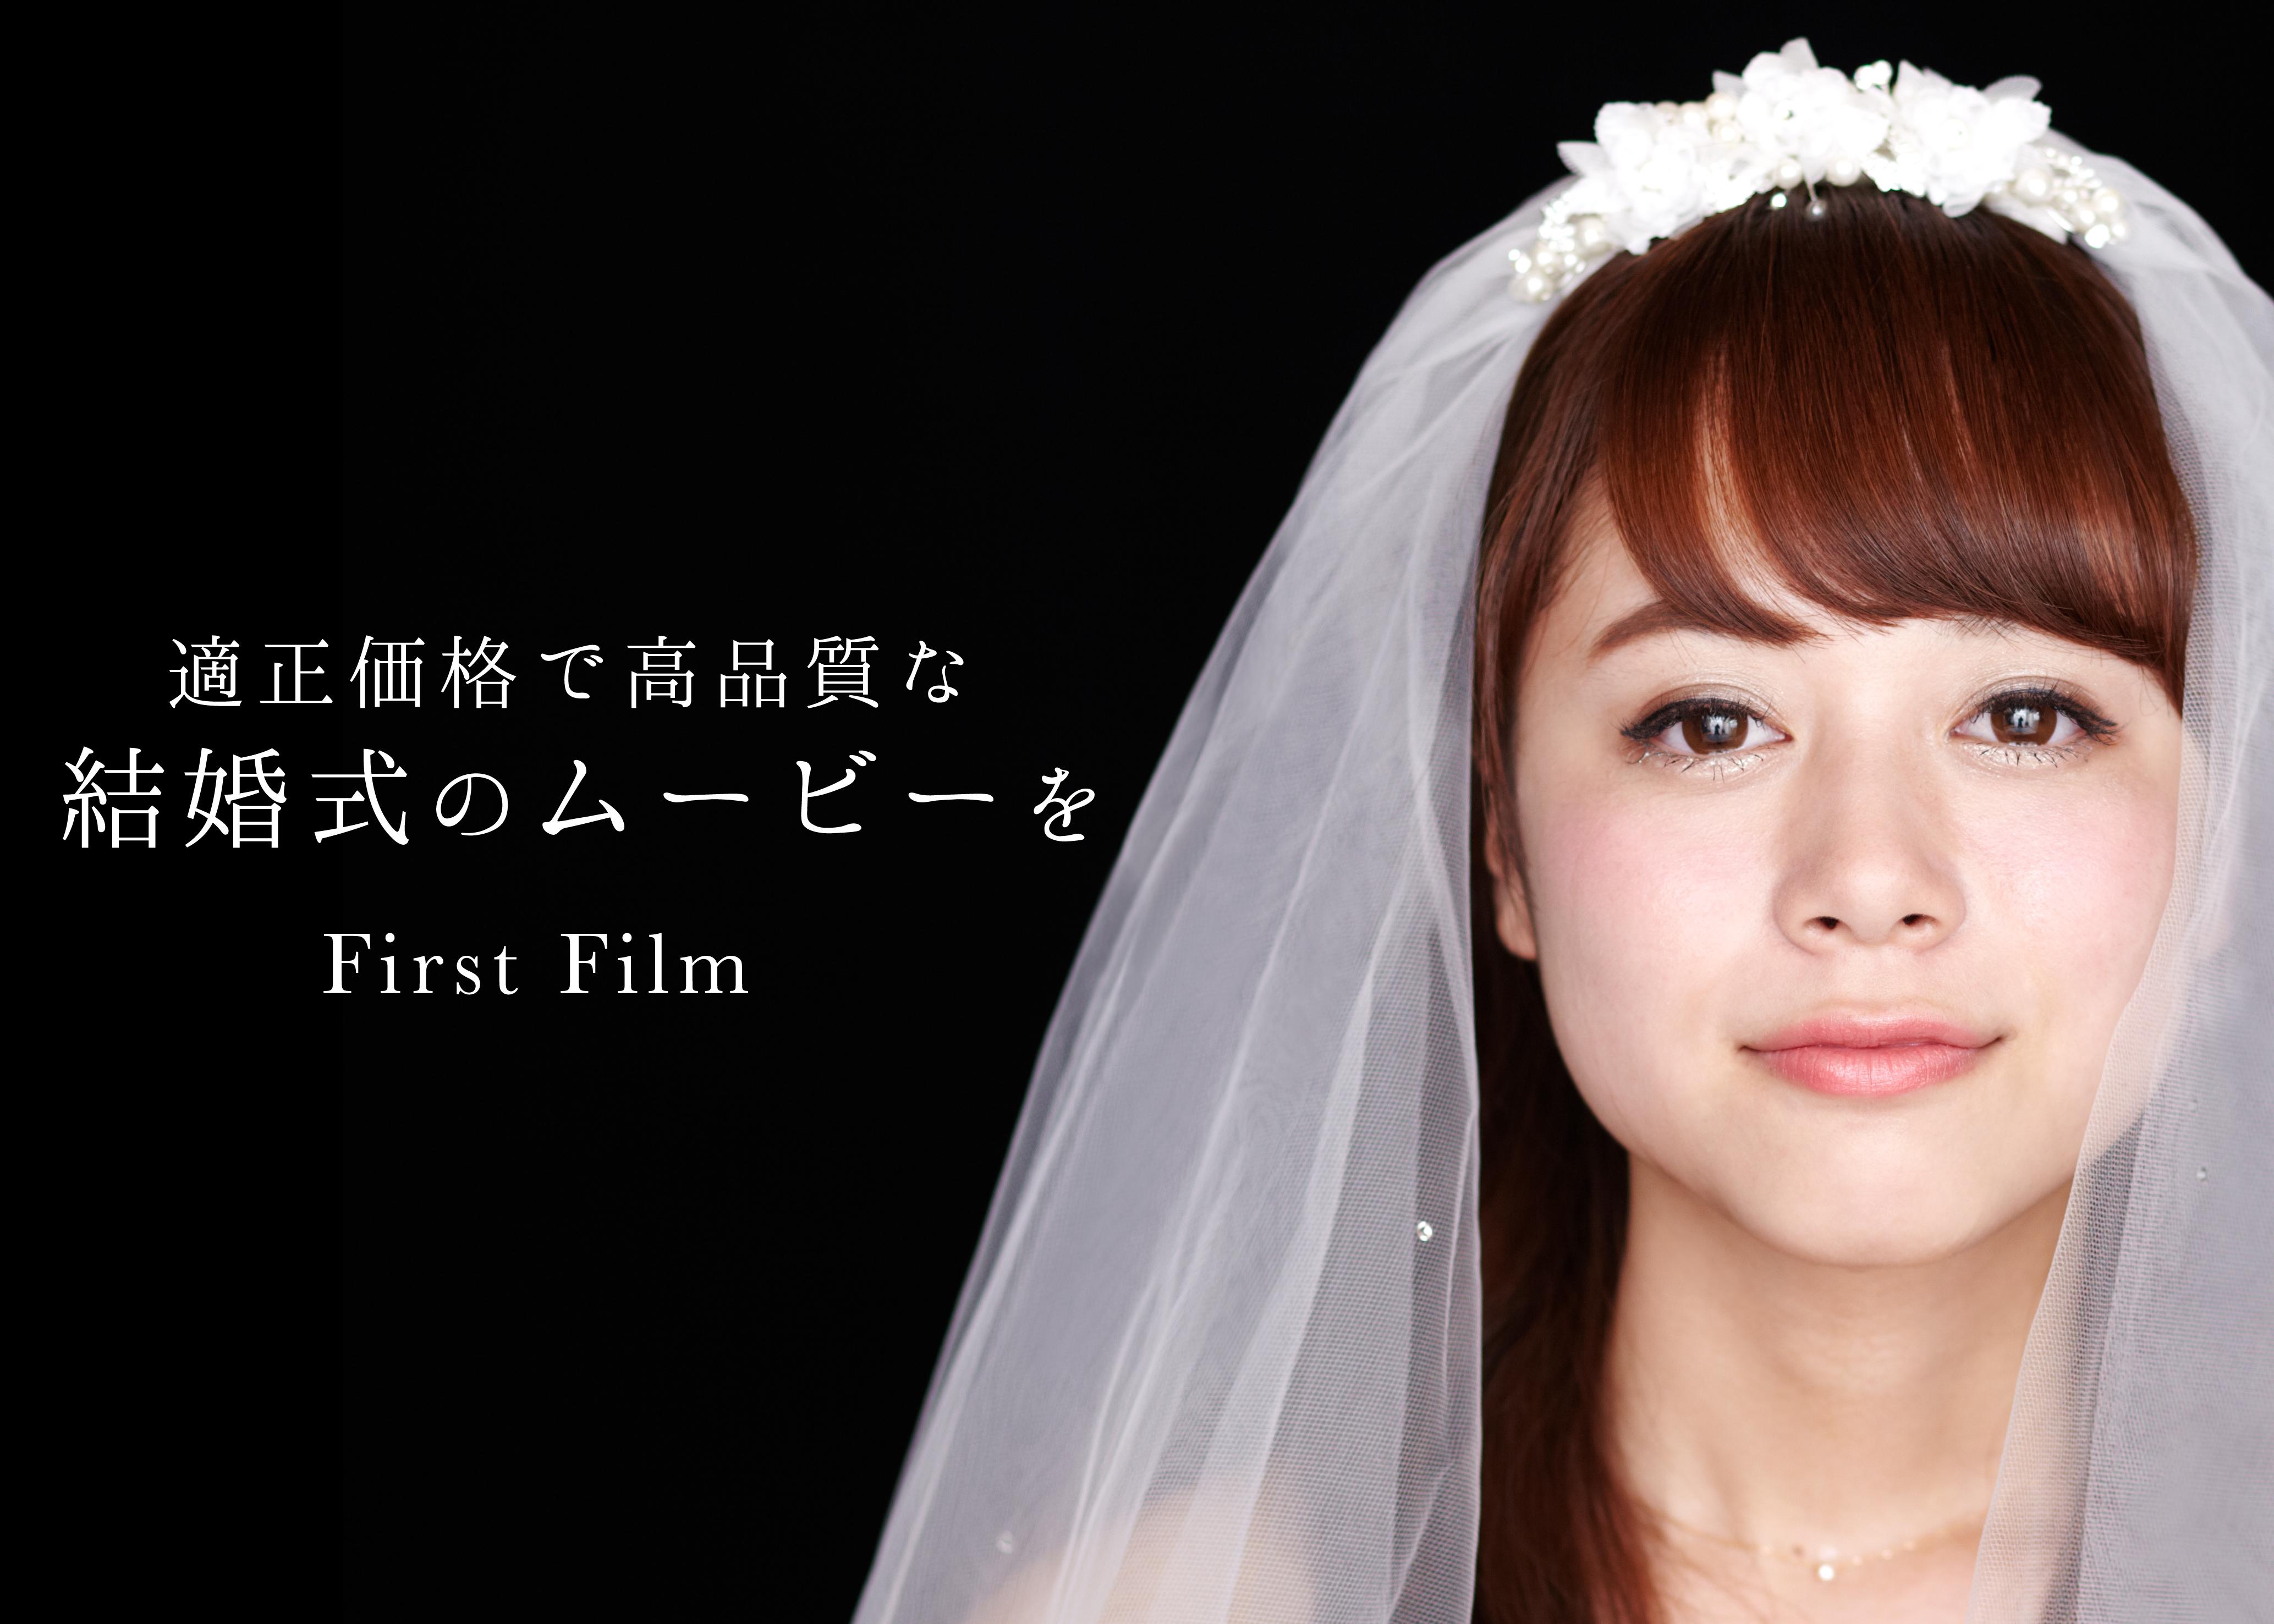 First Film 結婚式のエンドロール・ムービー撮影